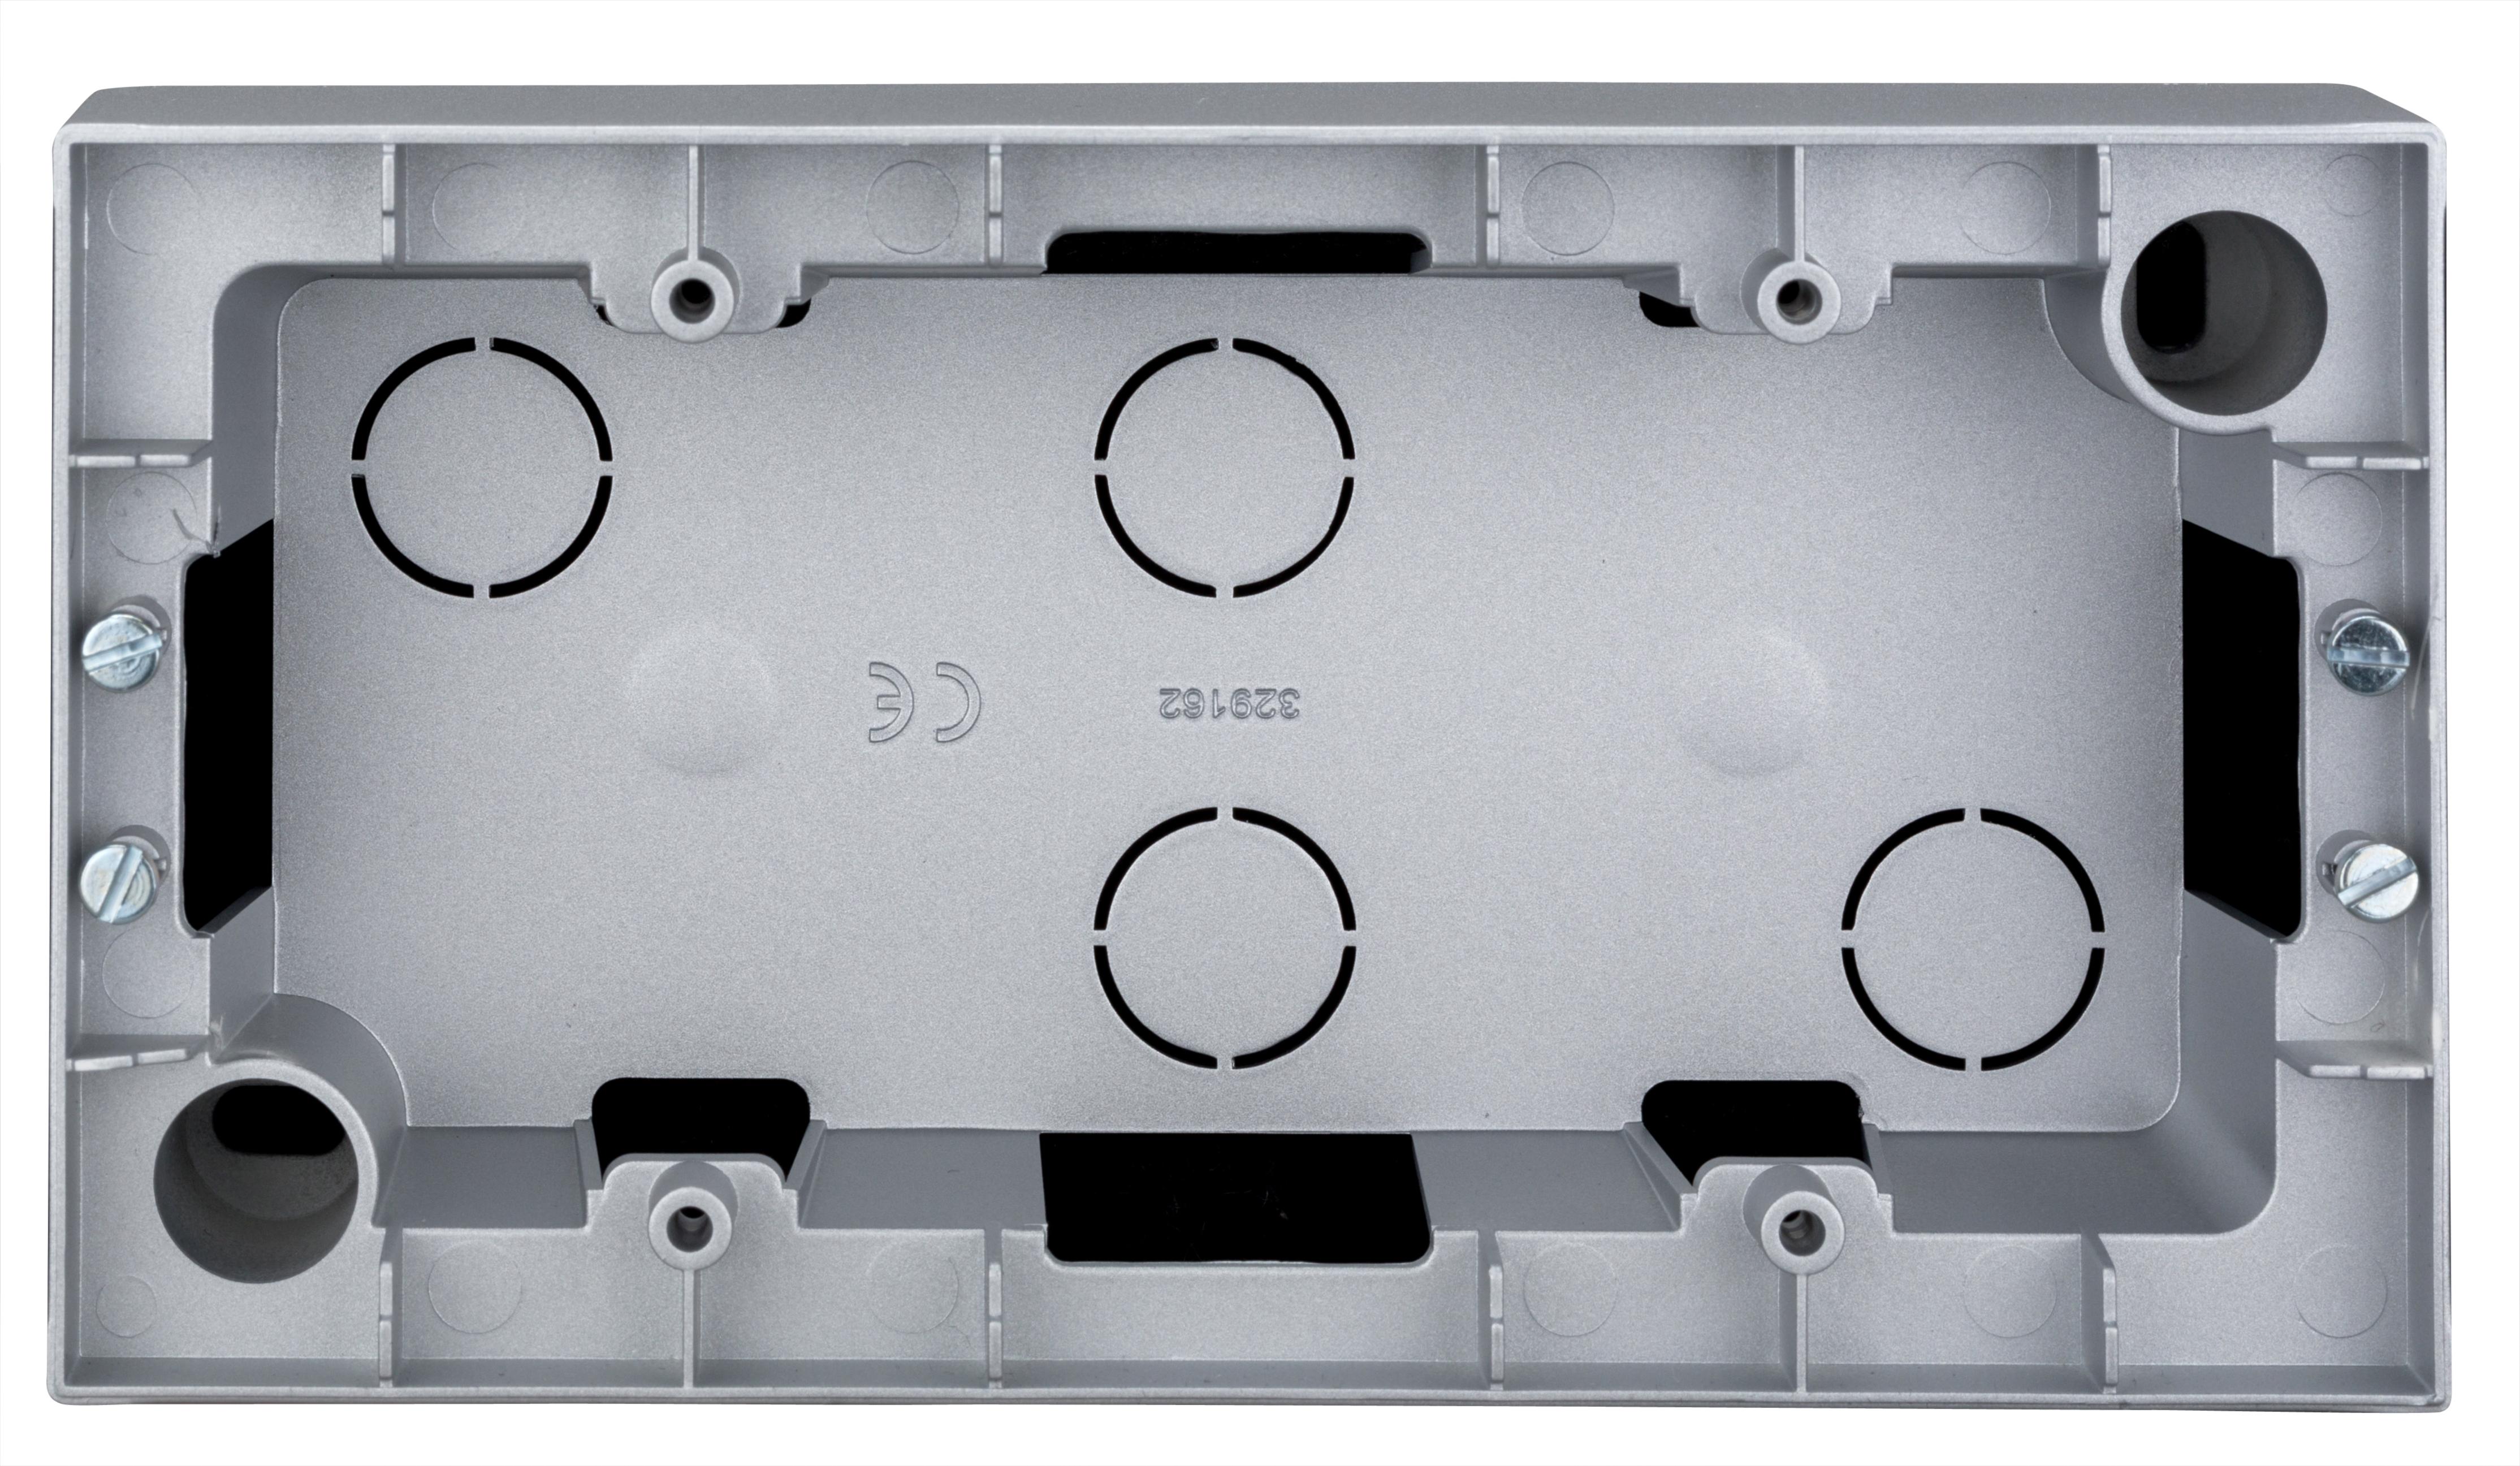 1 Stk AP-Gehäuse 2-fach, Silber EV125007--